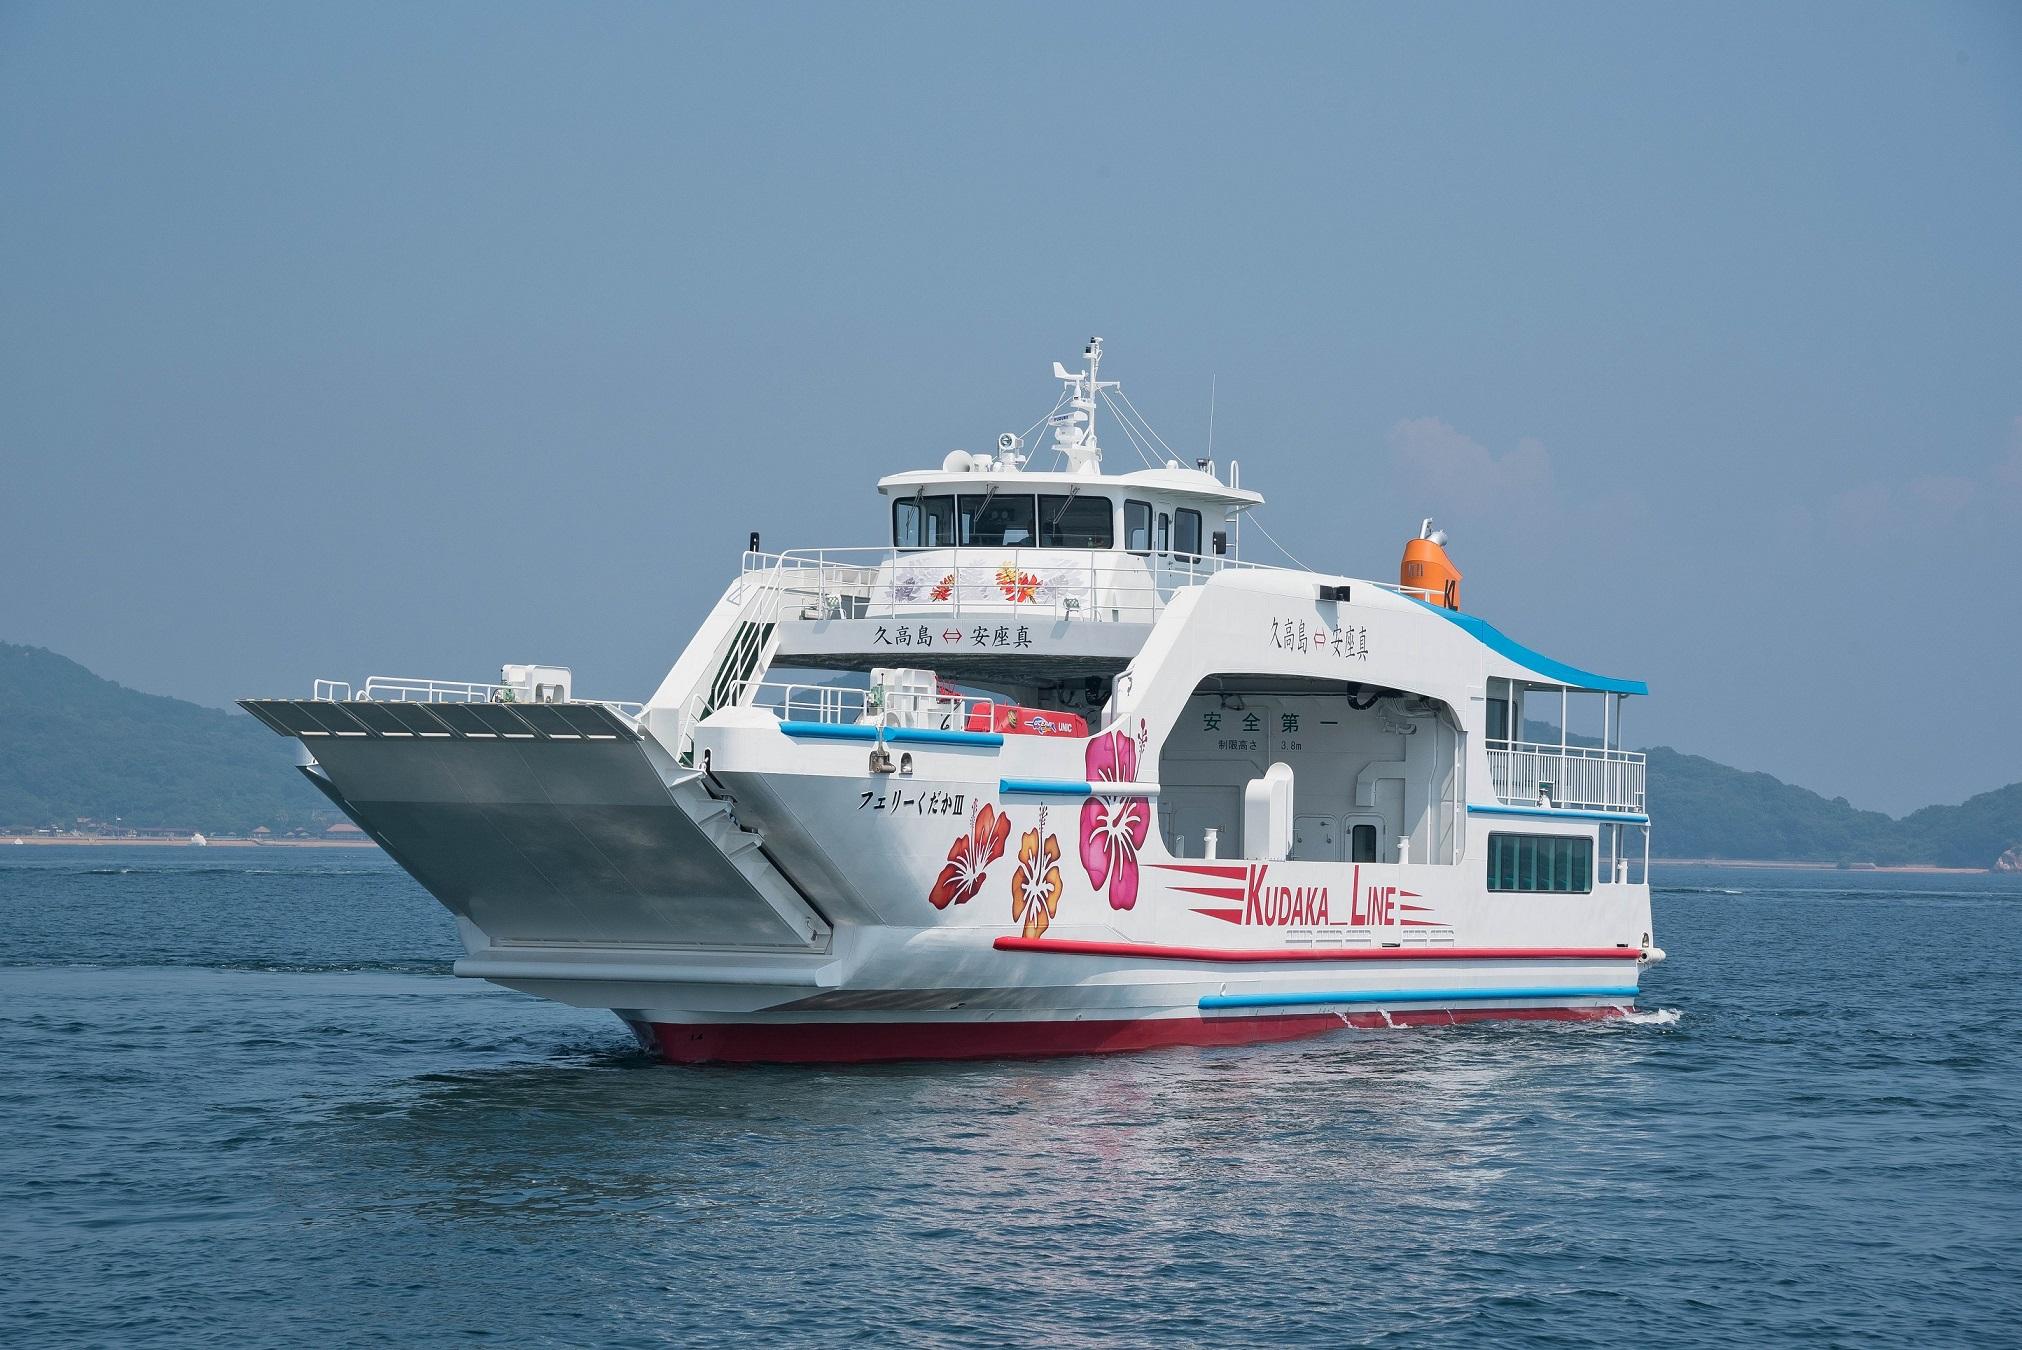 ツネイシクラフト&ファシリティーズ 沖縄本島と久高島を結ぶ旅客船兼自動車渡船「フェリーくだかIII」を建造・引渡